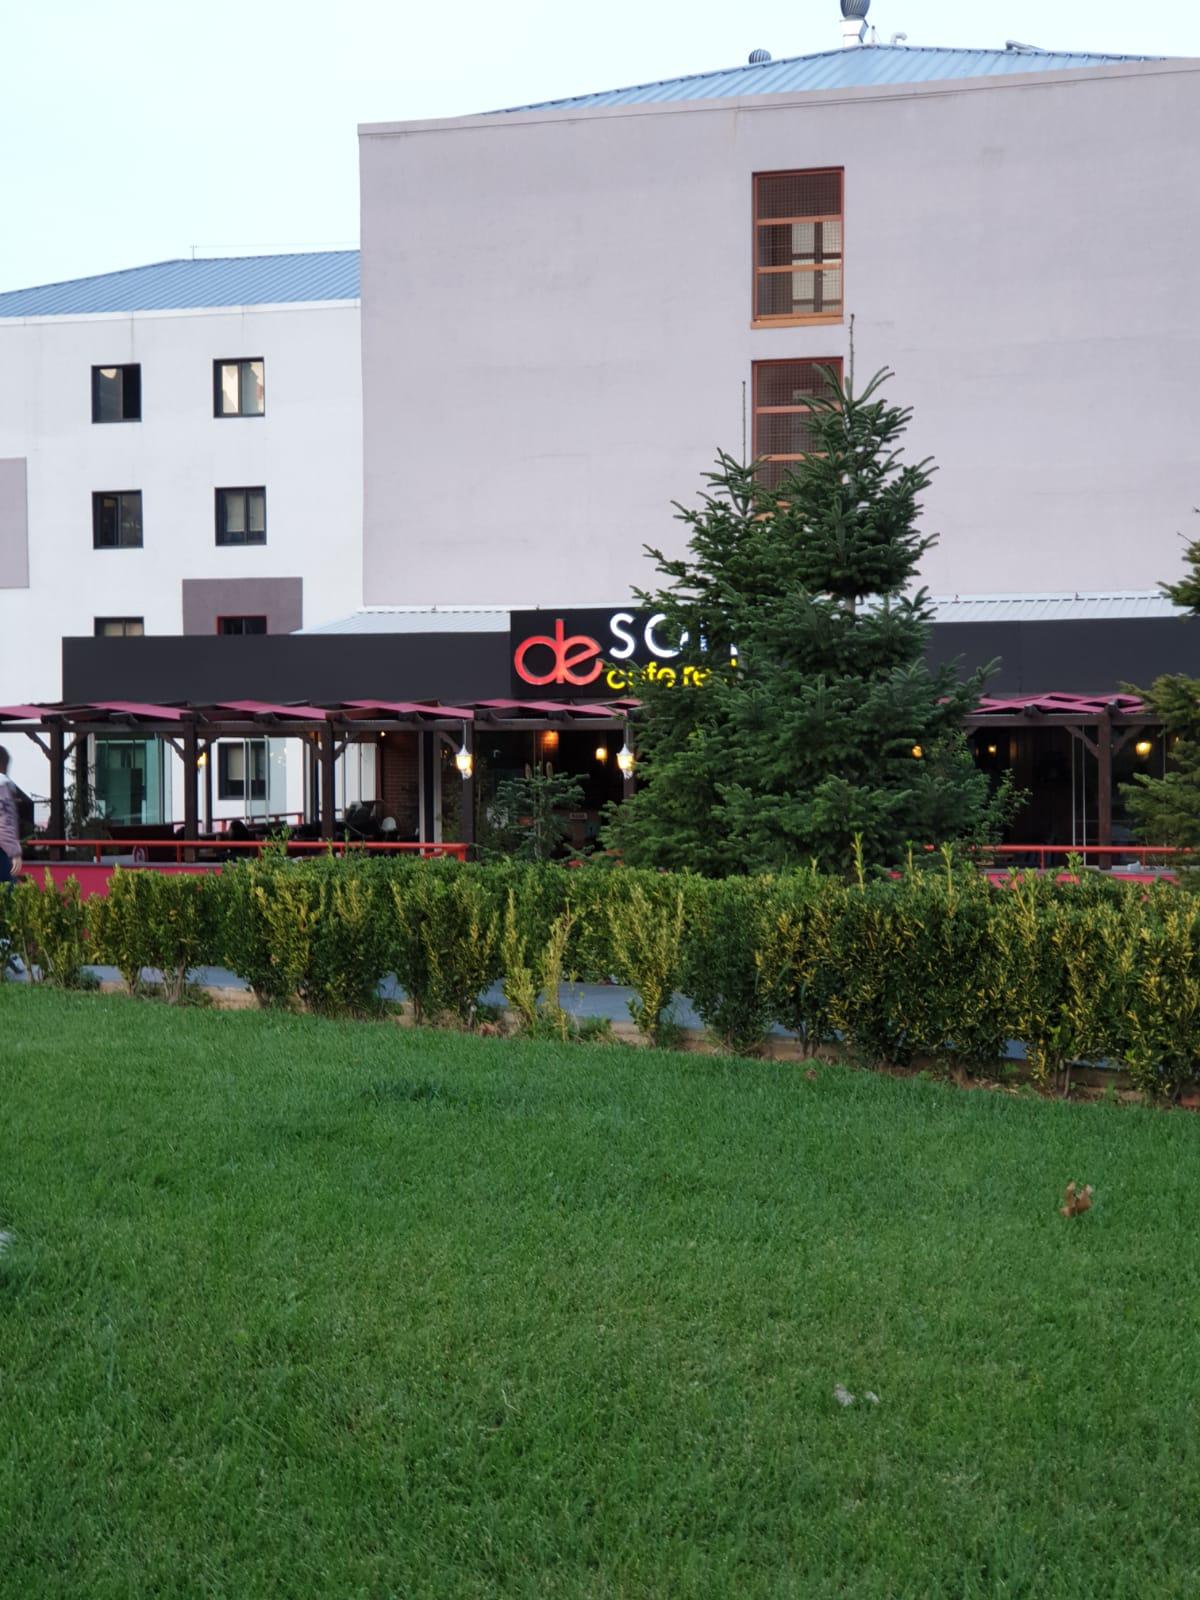 Cafe Deson